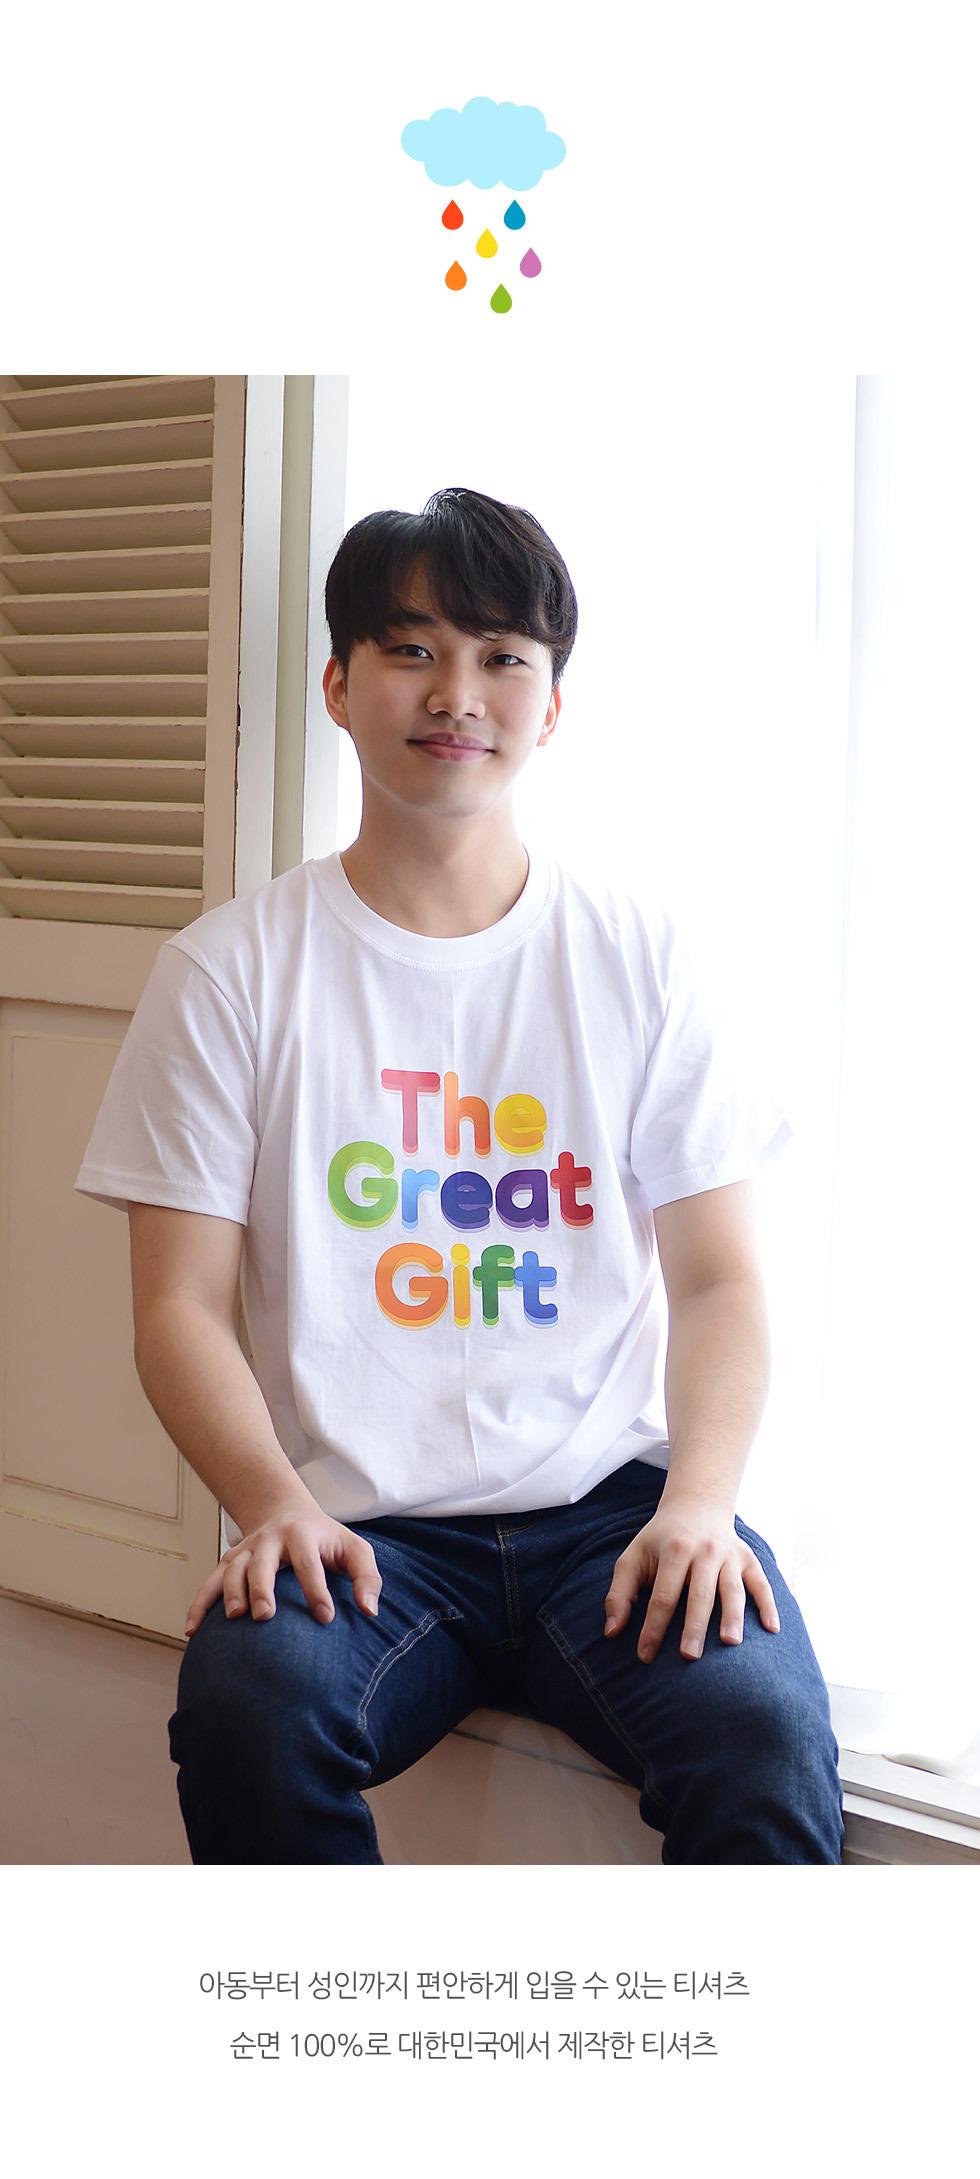 교회 단체티셔츠 위대한선물 - 무지개 (The Great Gift) - 성인티셔츠(예장 합동 교단 여름성경학교 주제티셔츠 - 위대한선물)